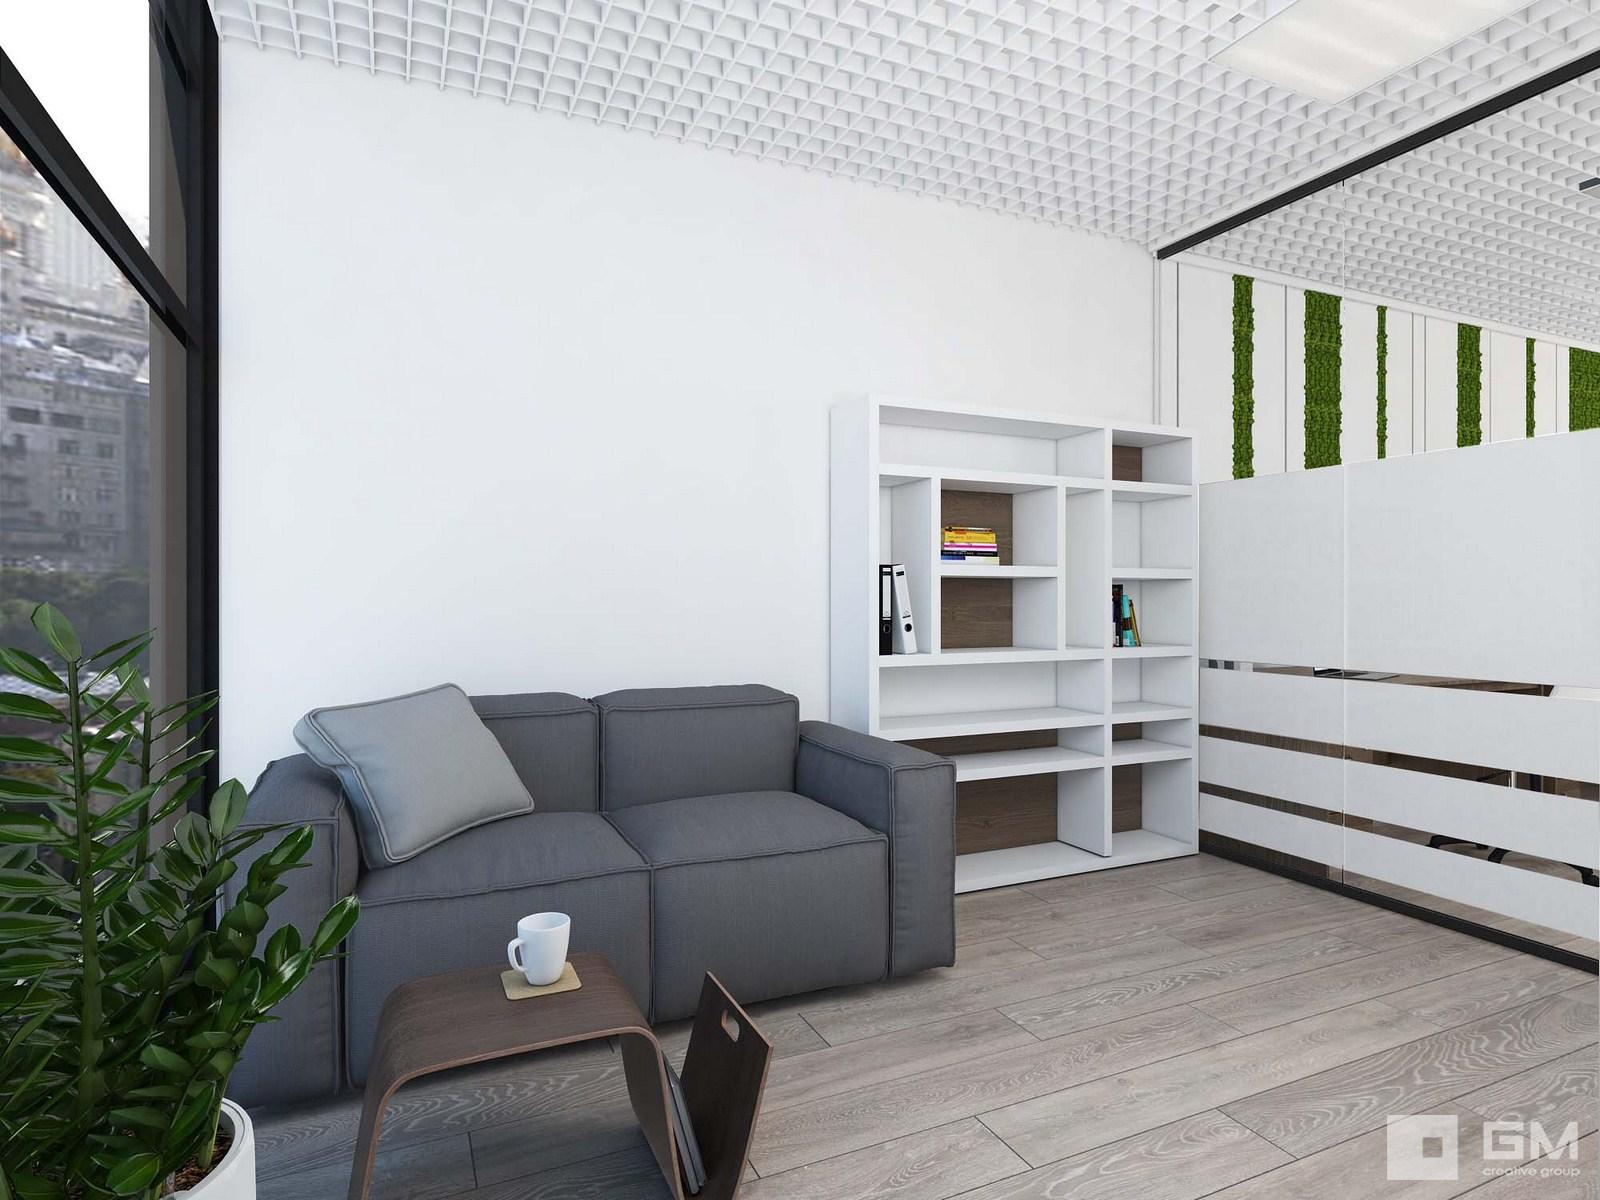 Дизайн офиса с грамотными планировочными решениями и подбором мебели. Красивый, светлый, современный интерьер офиса от студии дизайна Gm-interior